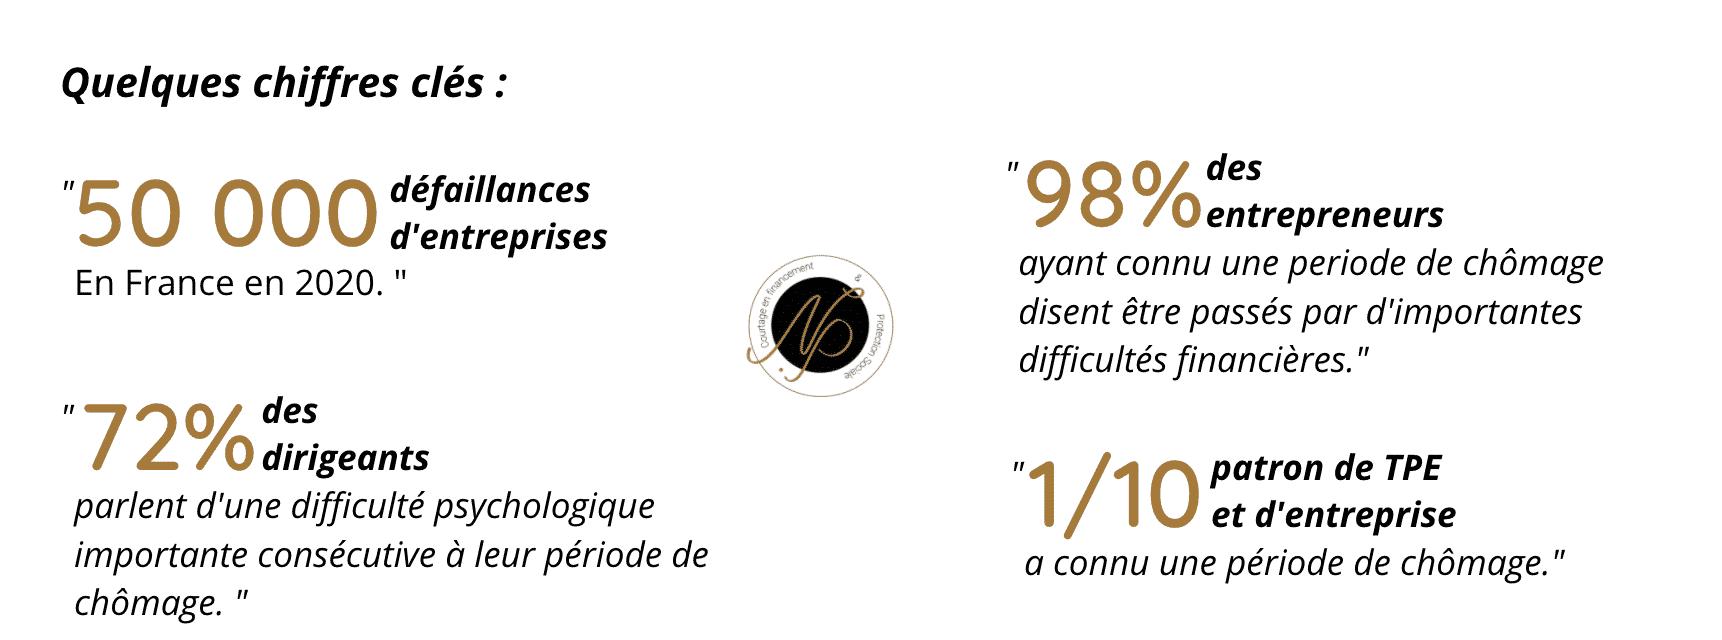 Assurance, garantie chomage du dirigeant le havre 76600 courtier chef d'entreprise